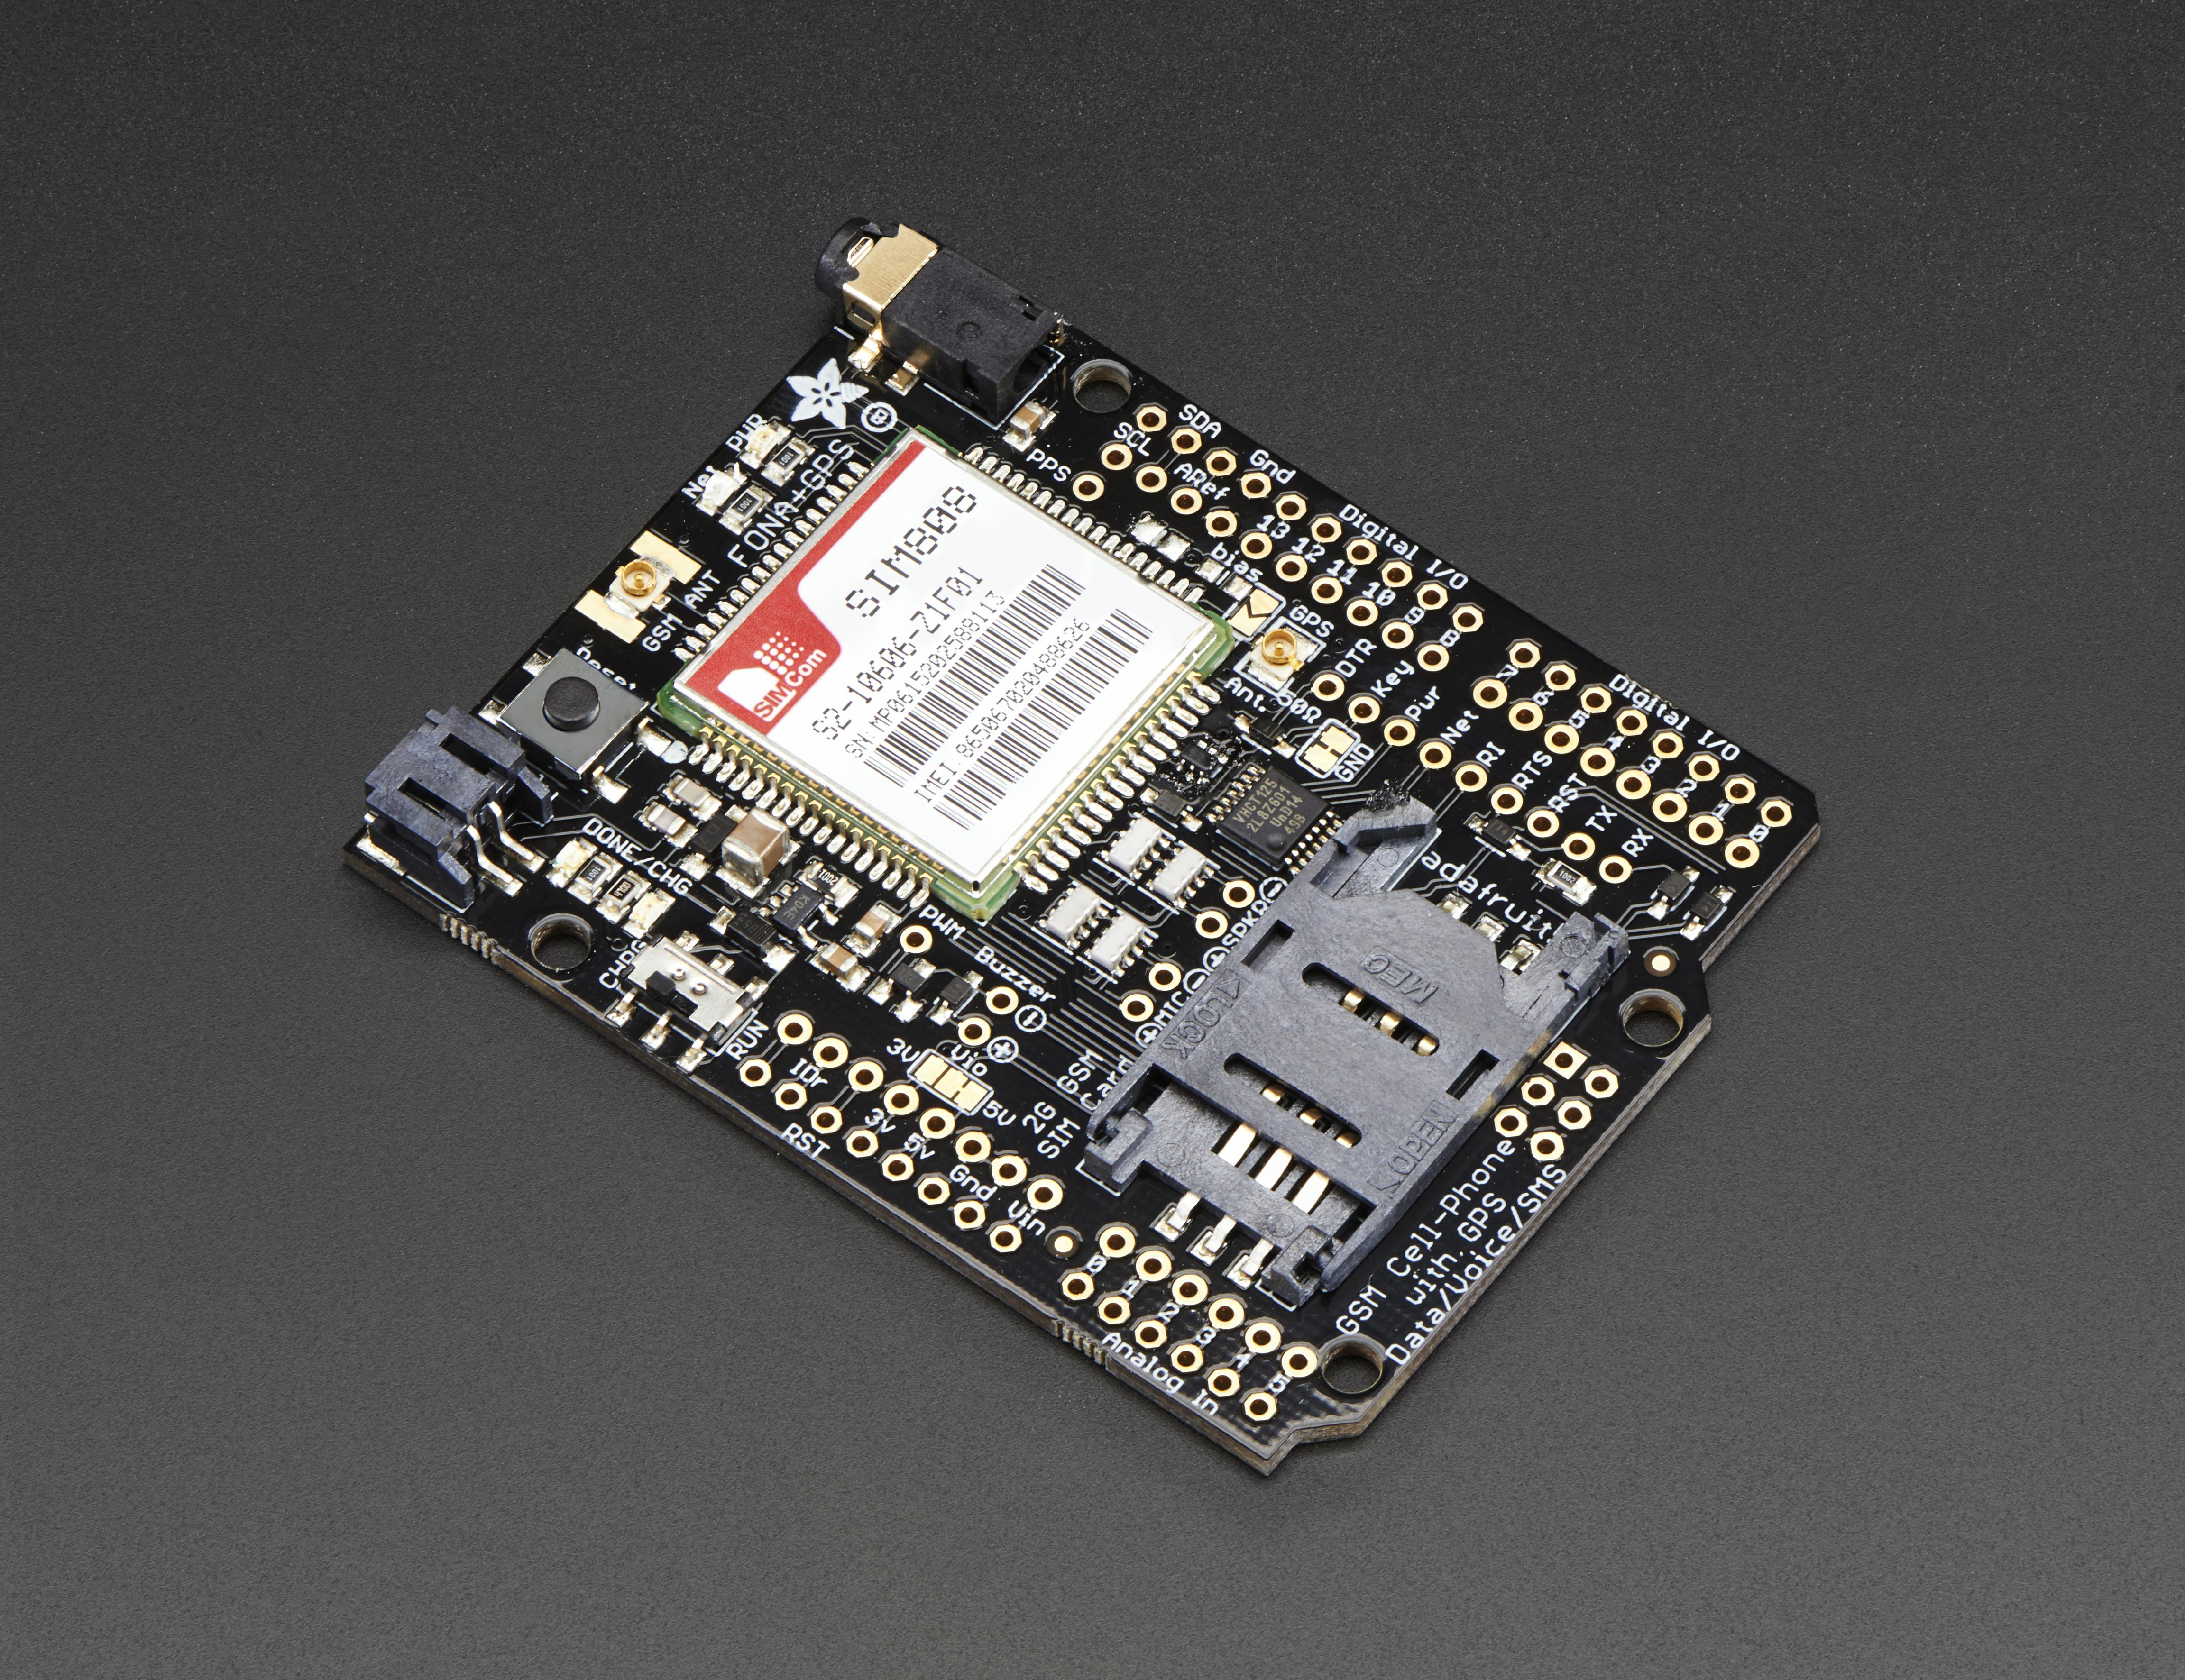 adafruit_products_2636_iso_ORIG.jpg